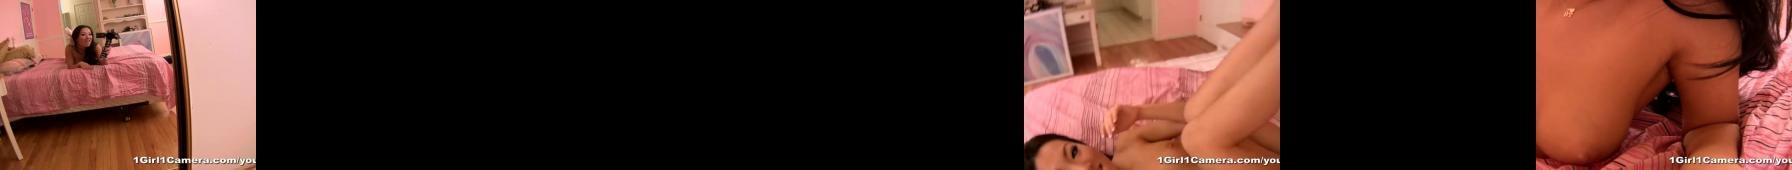 Filmy porno z Asa Akira